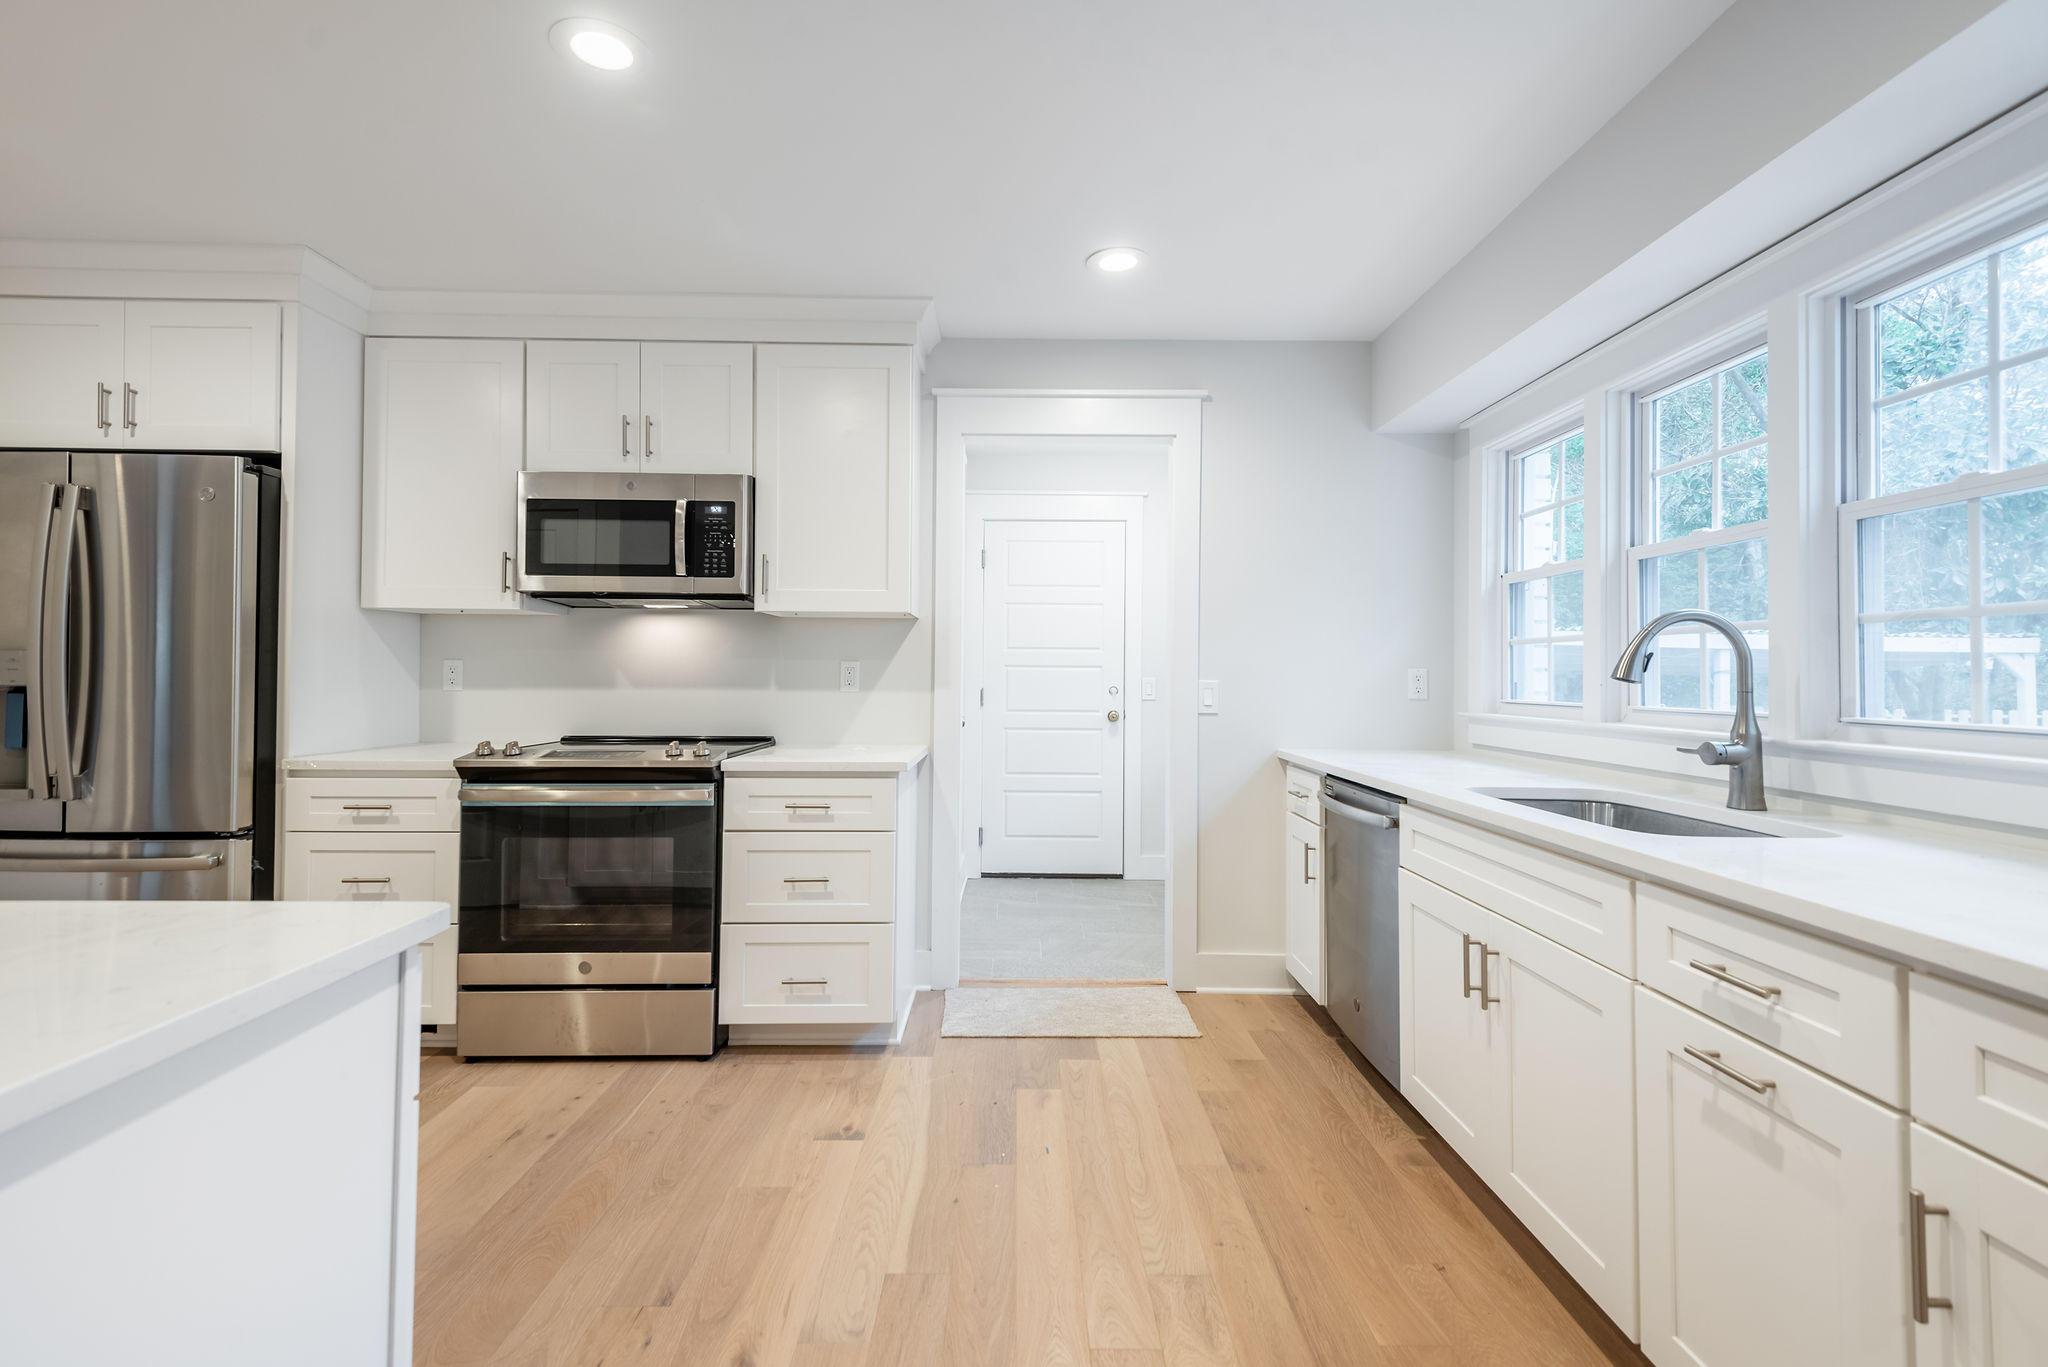 Cooper Estates Homes For Sale - 962 Cummings, Mount Pleasant, SC - 4